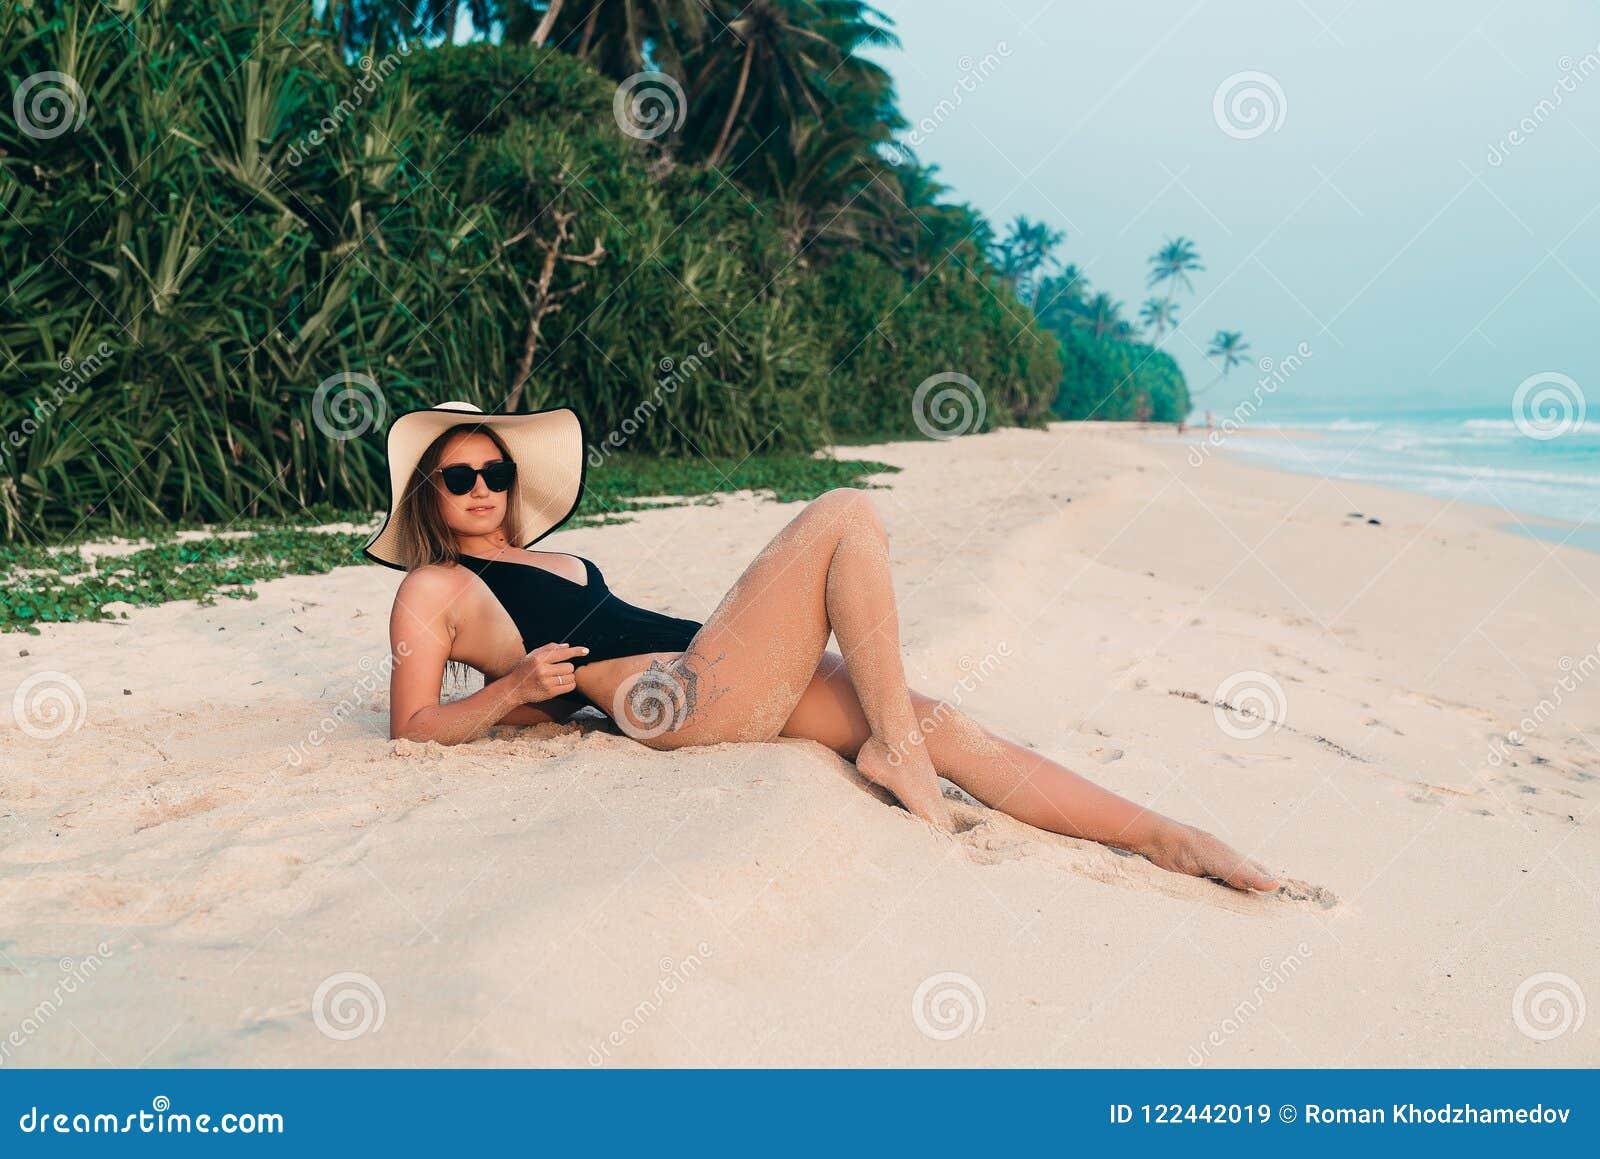 Banho de sol da menina que encontra-se na areia contra um Sandy Beach e uma selva brancos Absolutamente um aprecia seu resto, ves